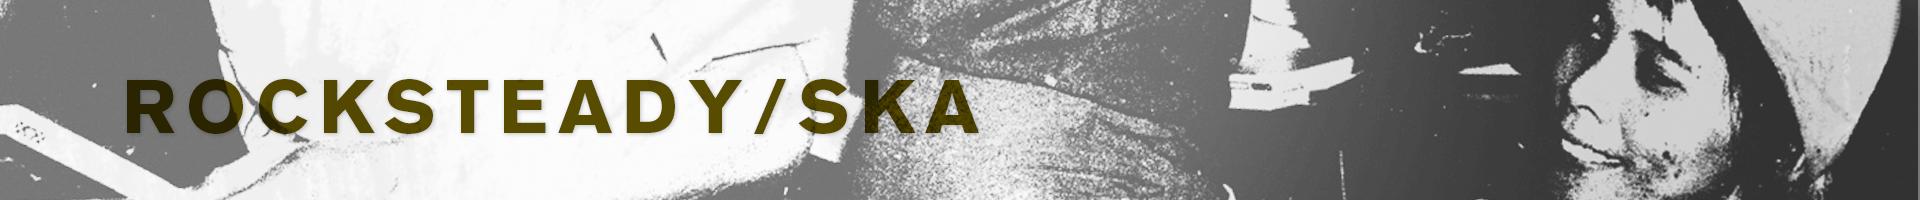 rocksteady-ska-genre-banner.png